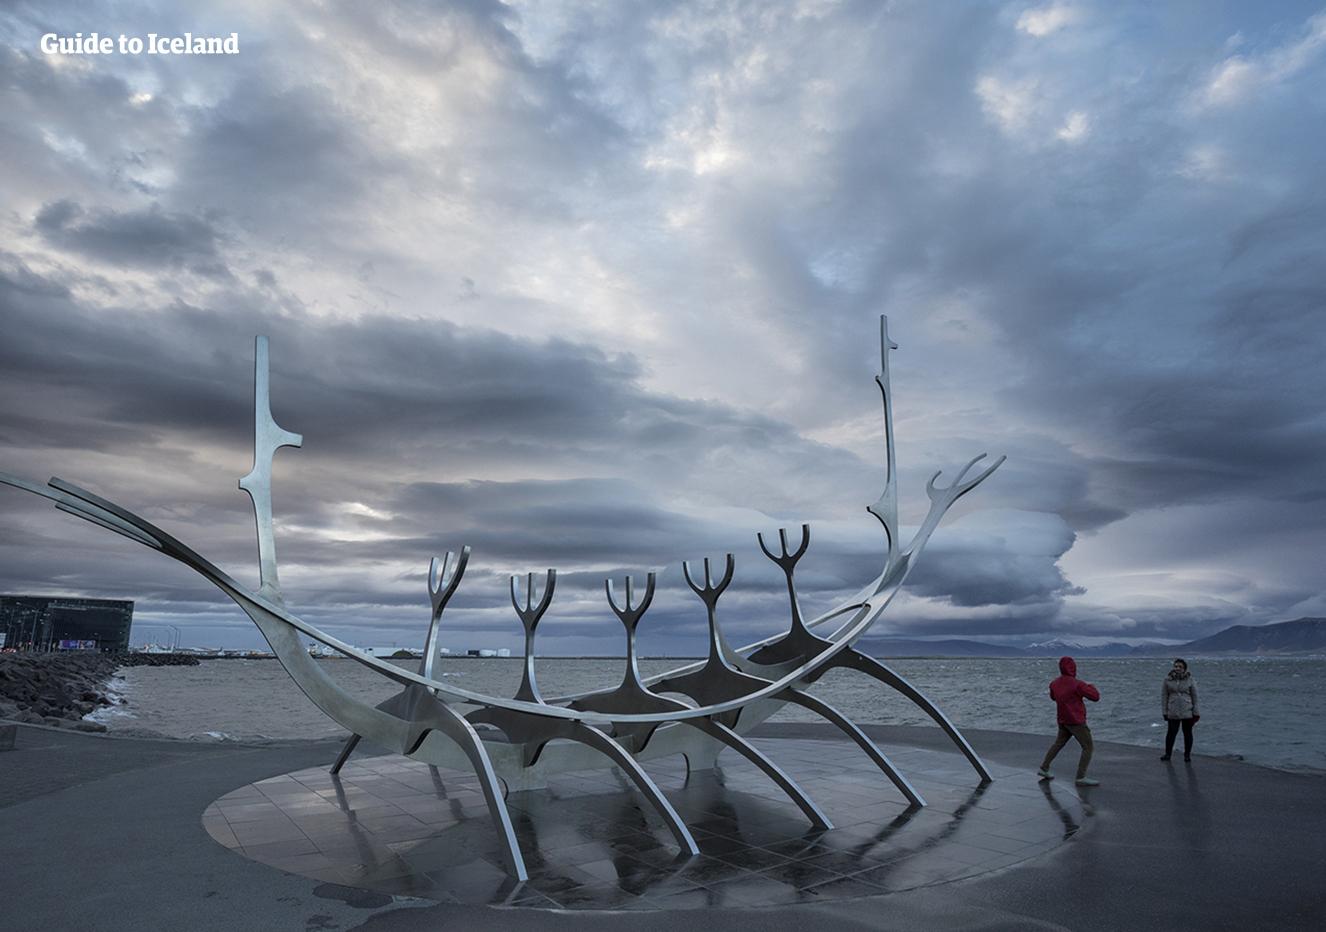 Puoi trascorrere un giorno libero a Reykjavík facendo tour, scoprendo la cultura o ammirando la natura nella città, grazie ai suoi numerosi parchi.